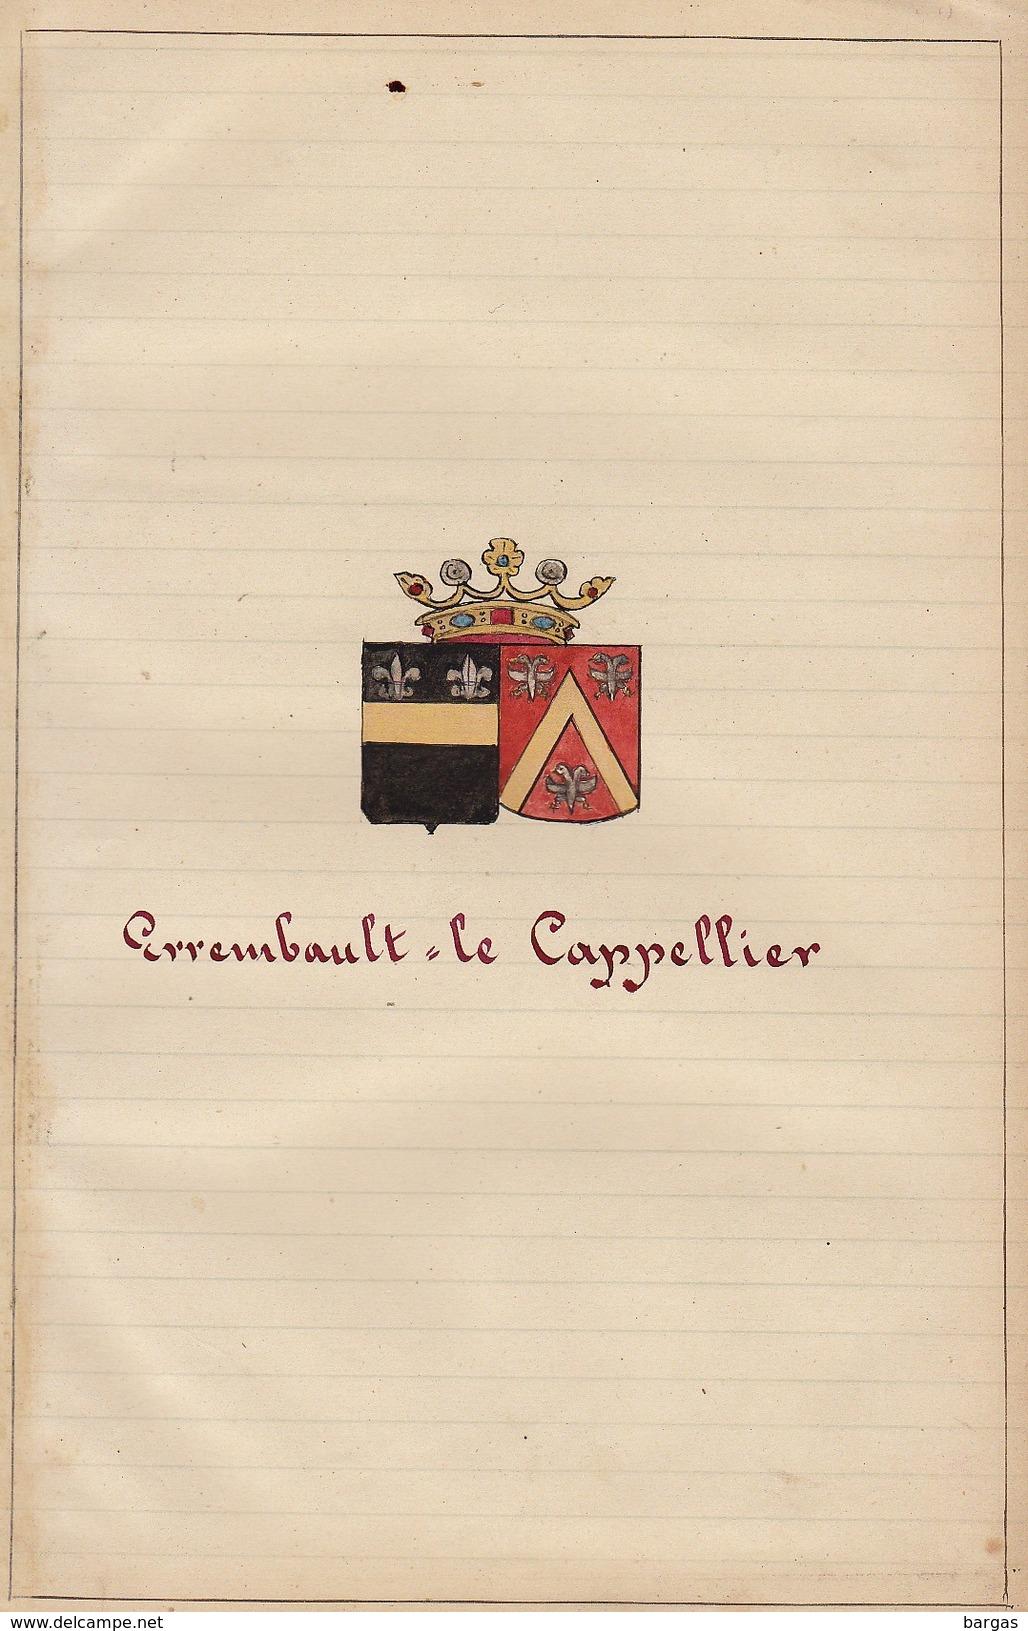 Manuscrit Généalogie Héraldique Errembault Le Cappelier  App.Formanoir Desmons De Bachy D'Hovynes Godebrie ... - Manuscripts